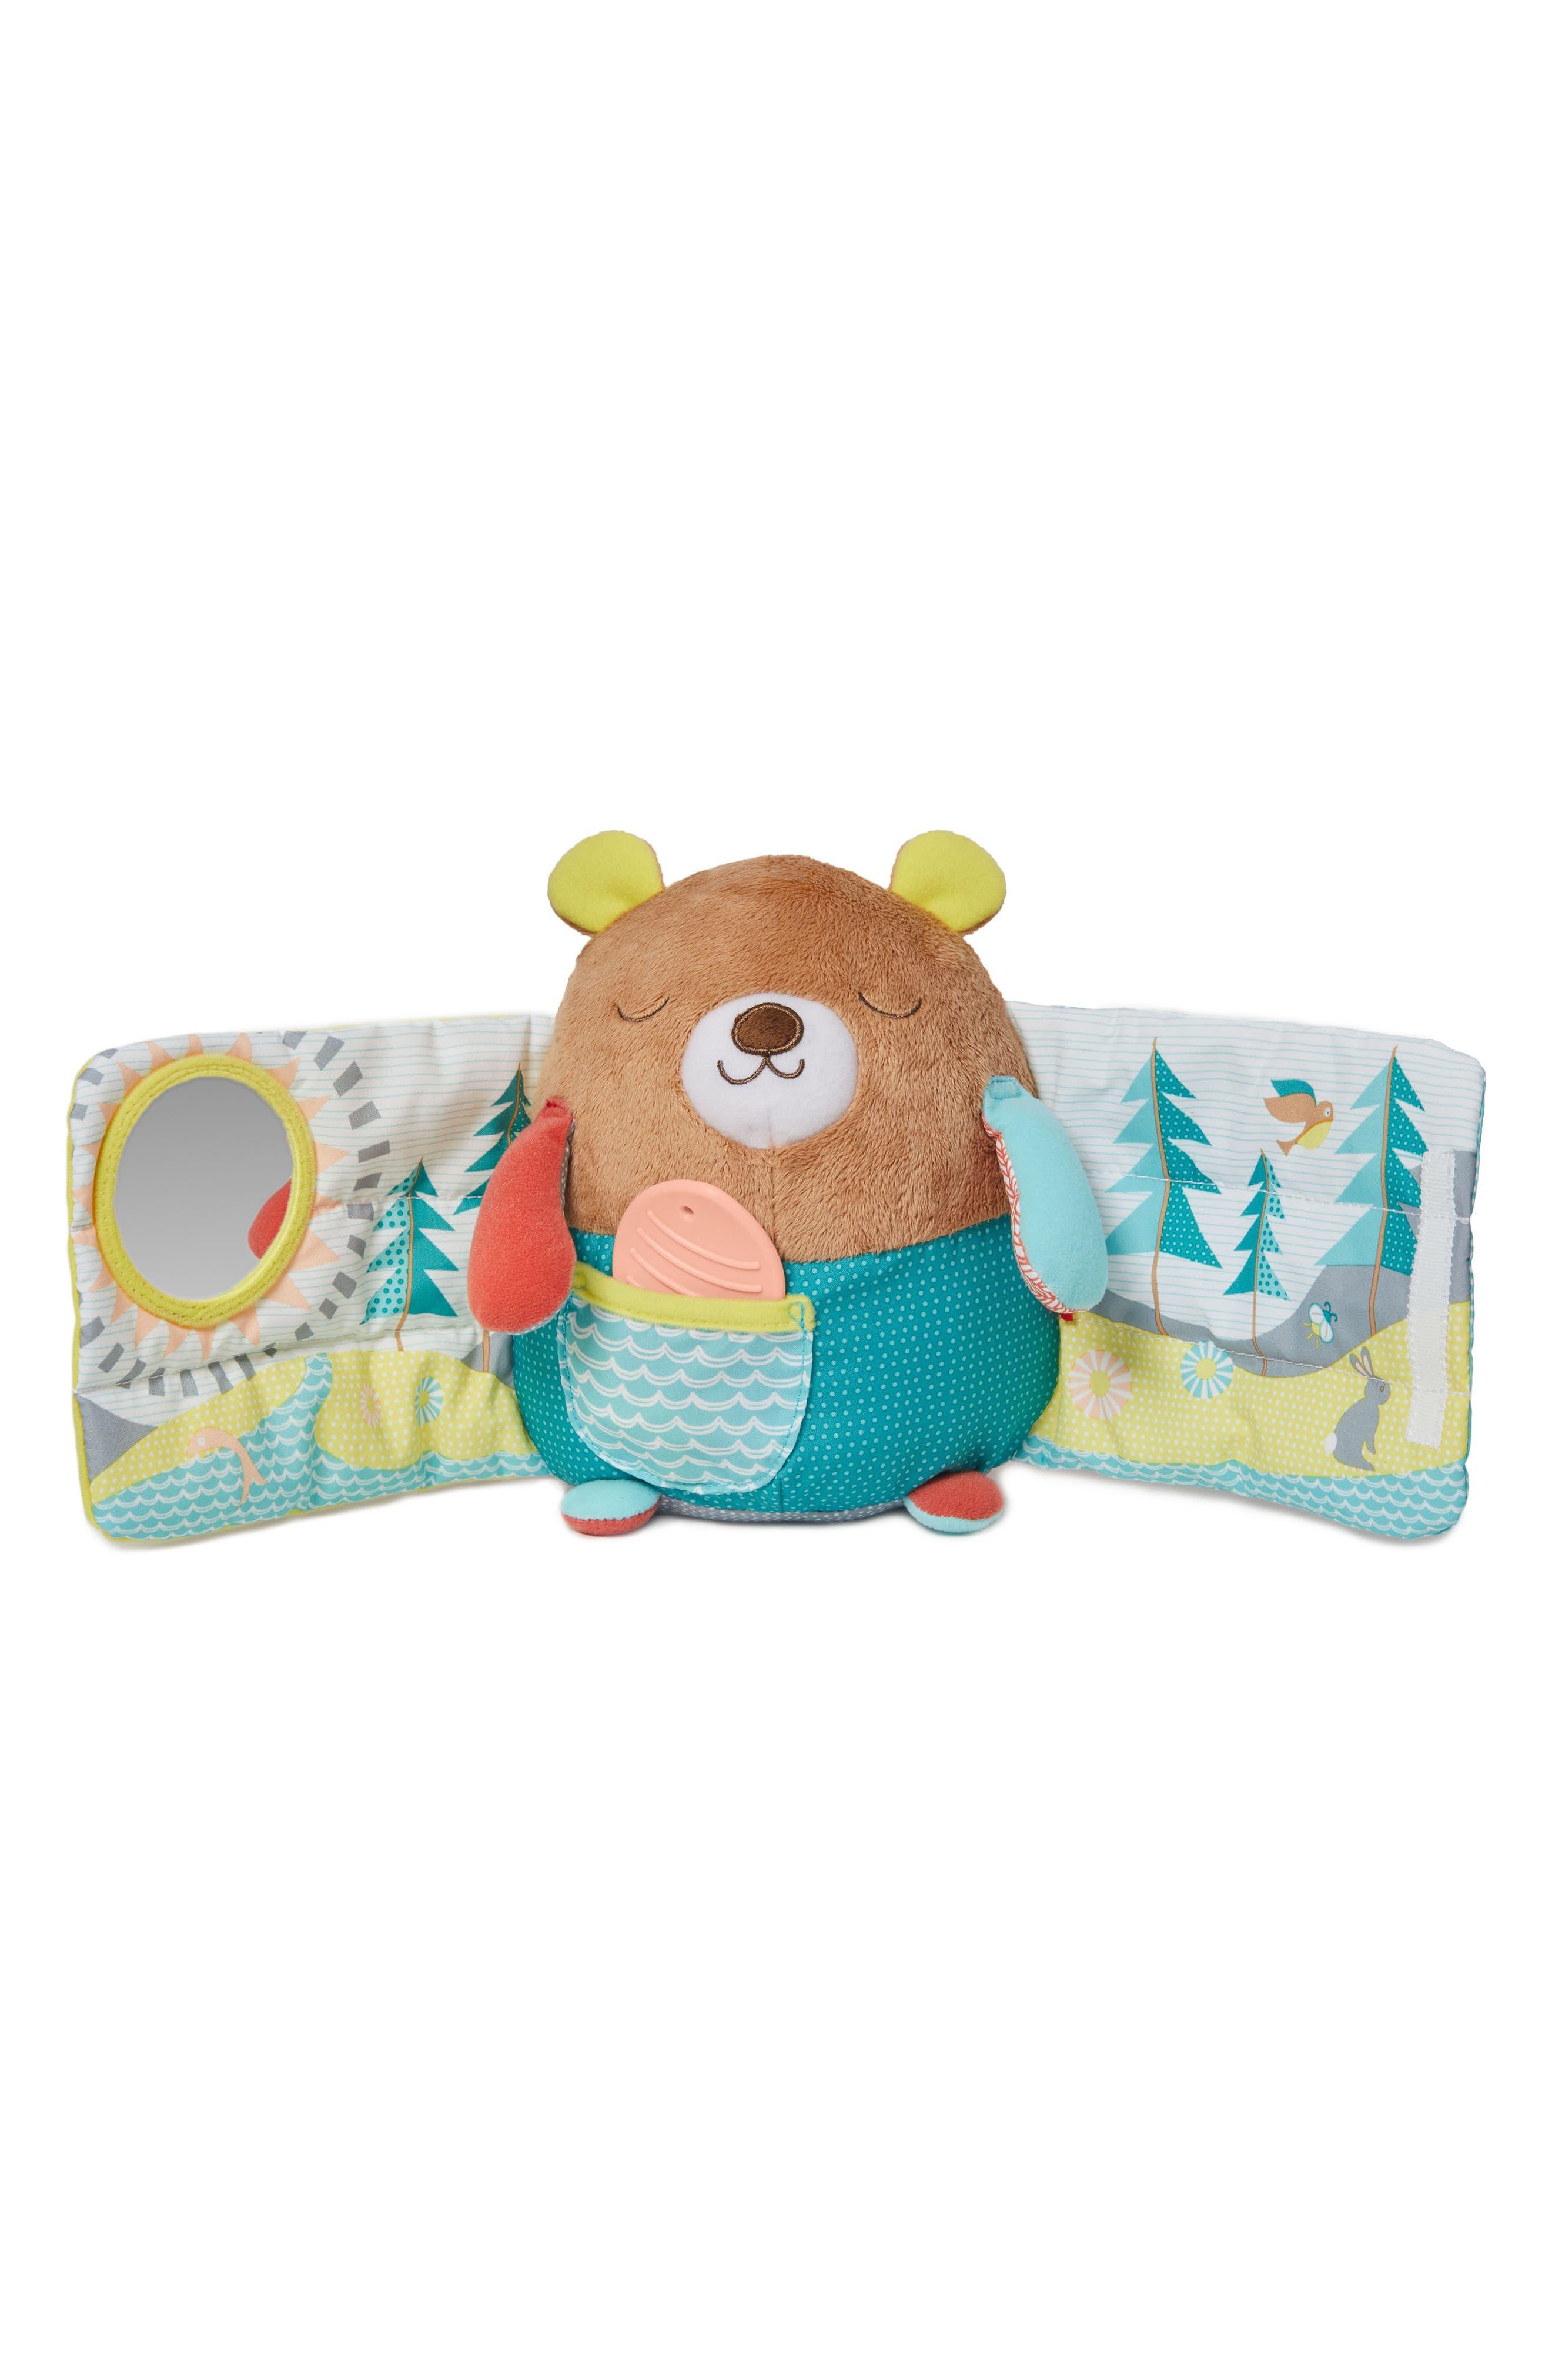 Camping Cubs Activity Bear,                             Main thumbnail 1, color,                             200